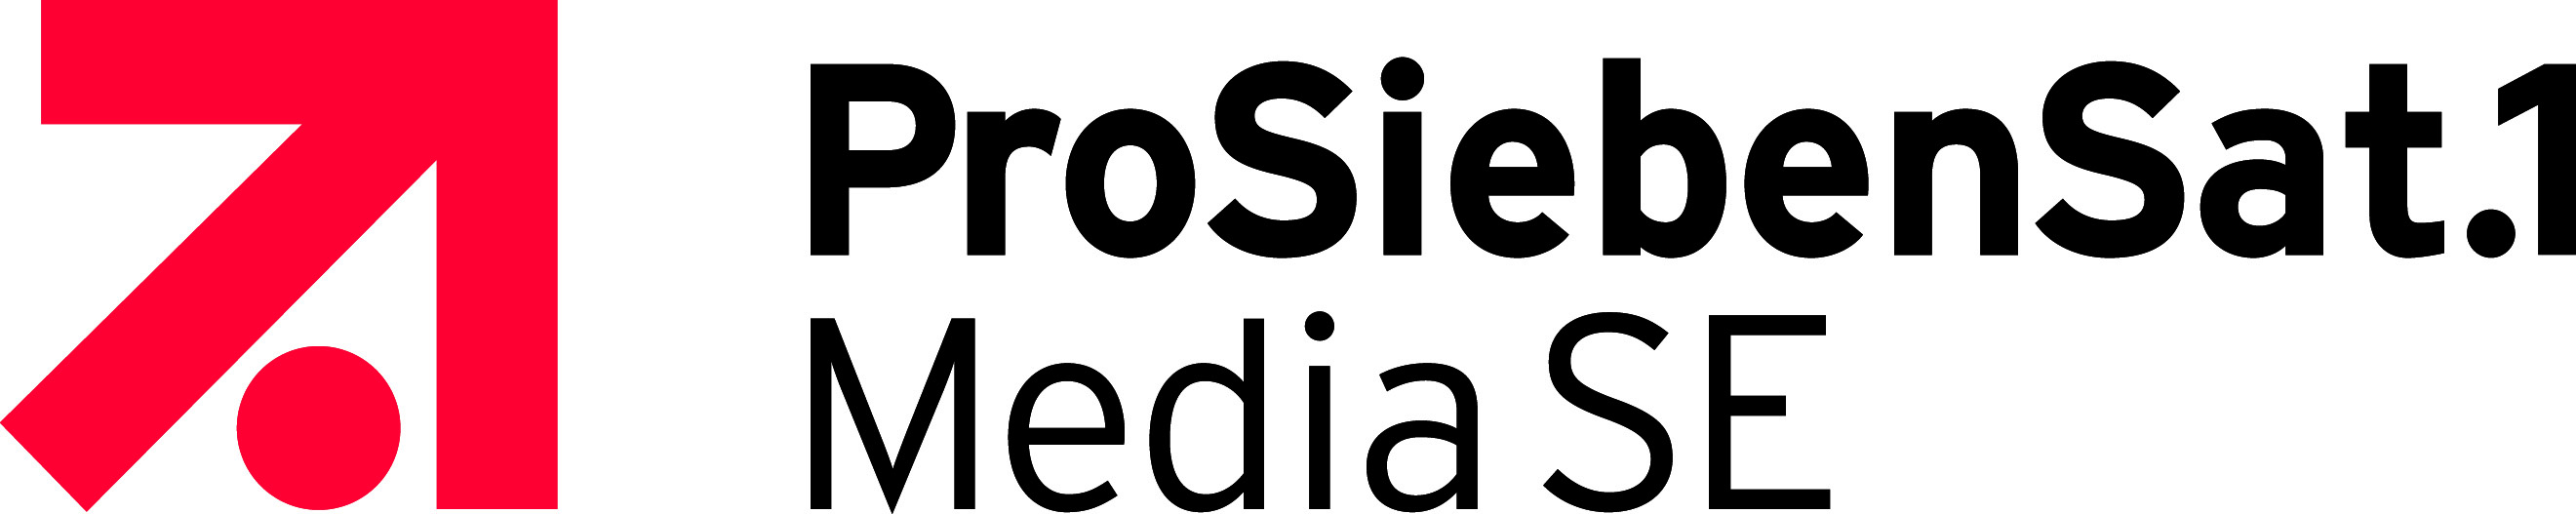 ProSiebenSat.1 Media SE Logo